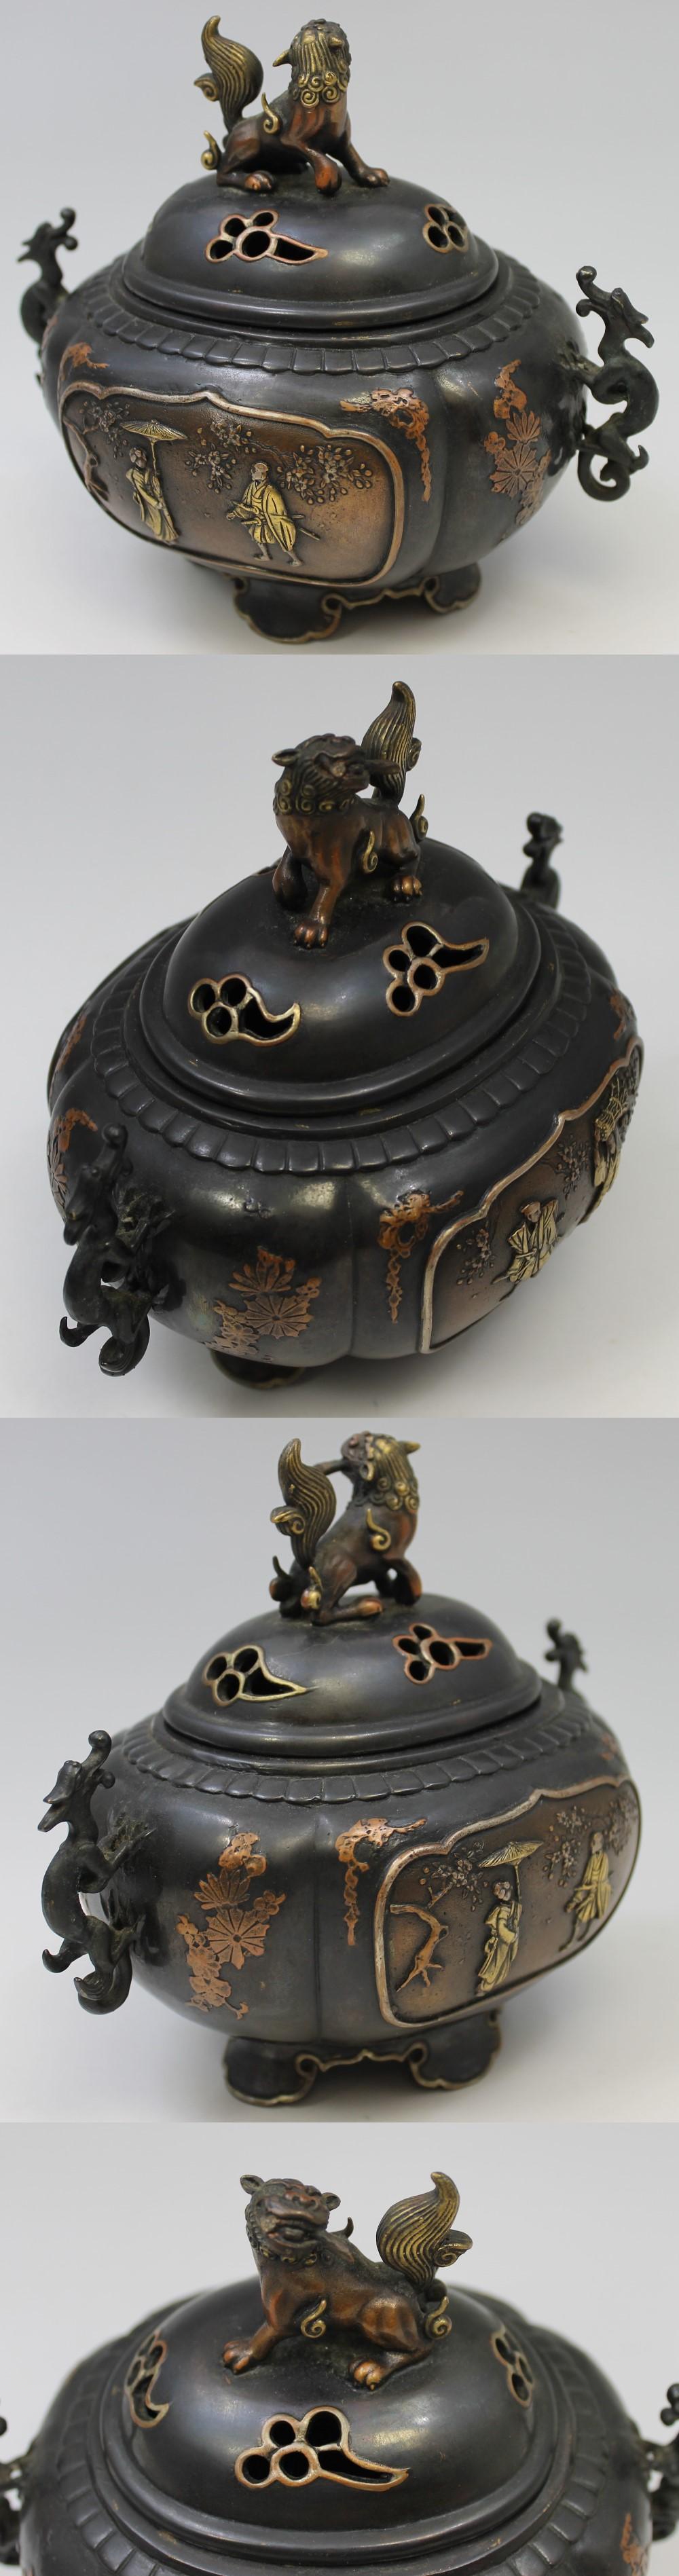 139高岡銅器唐獅子牡丹香炉5